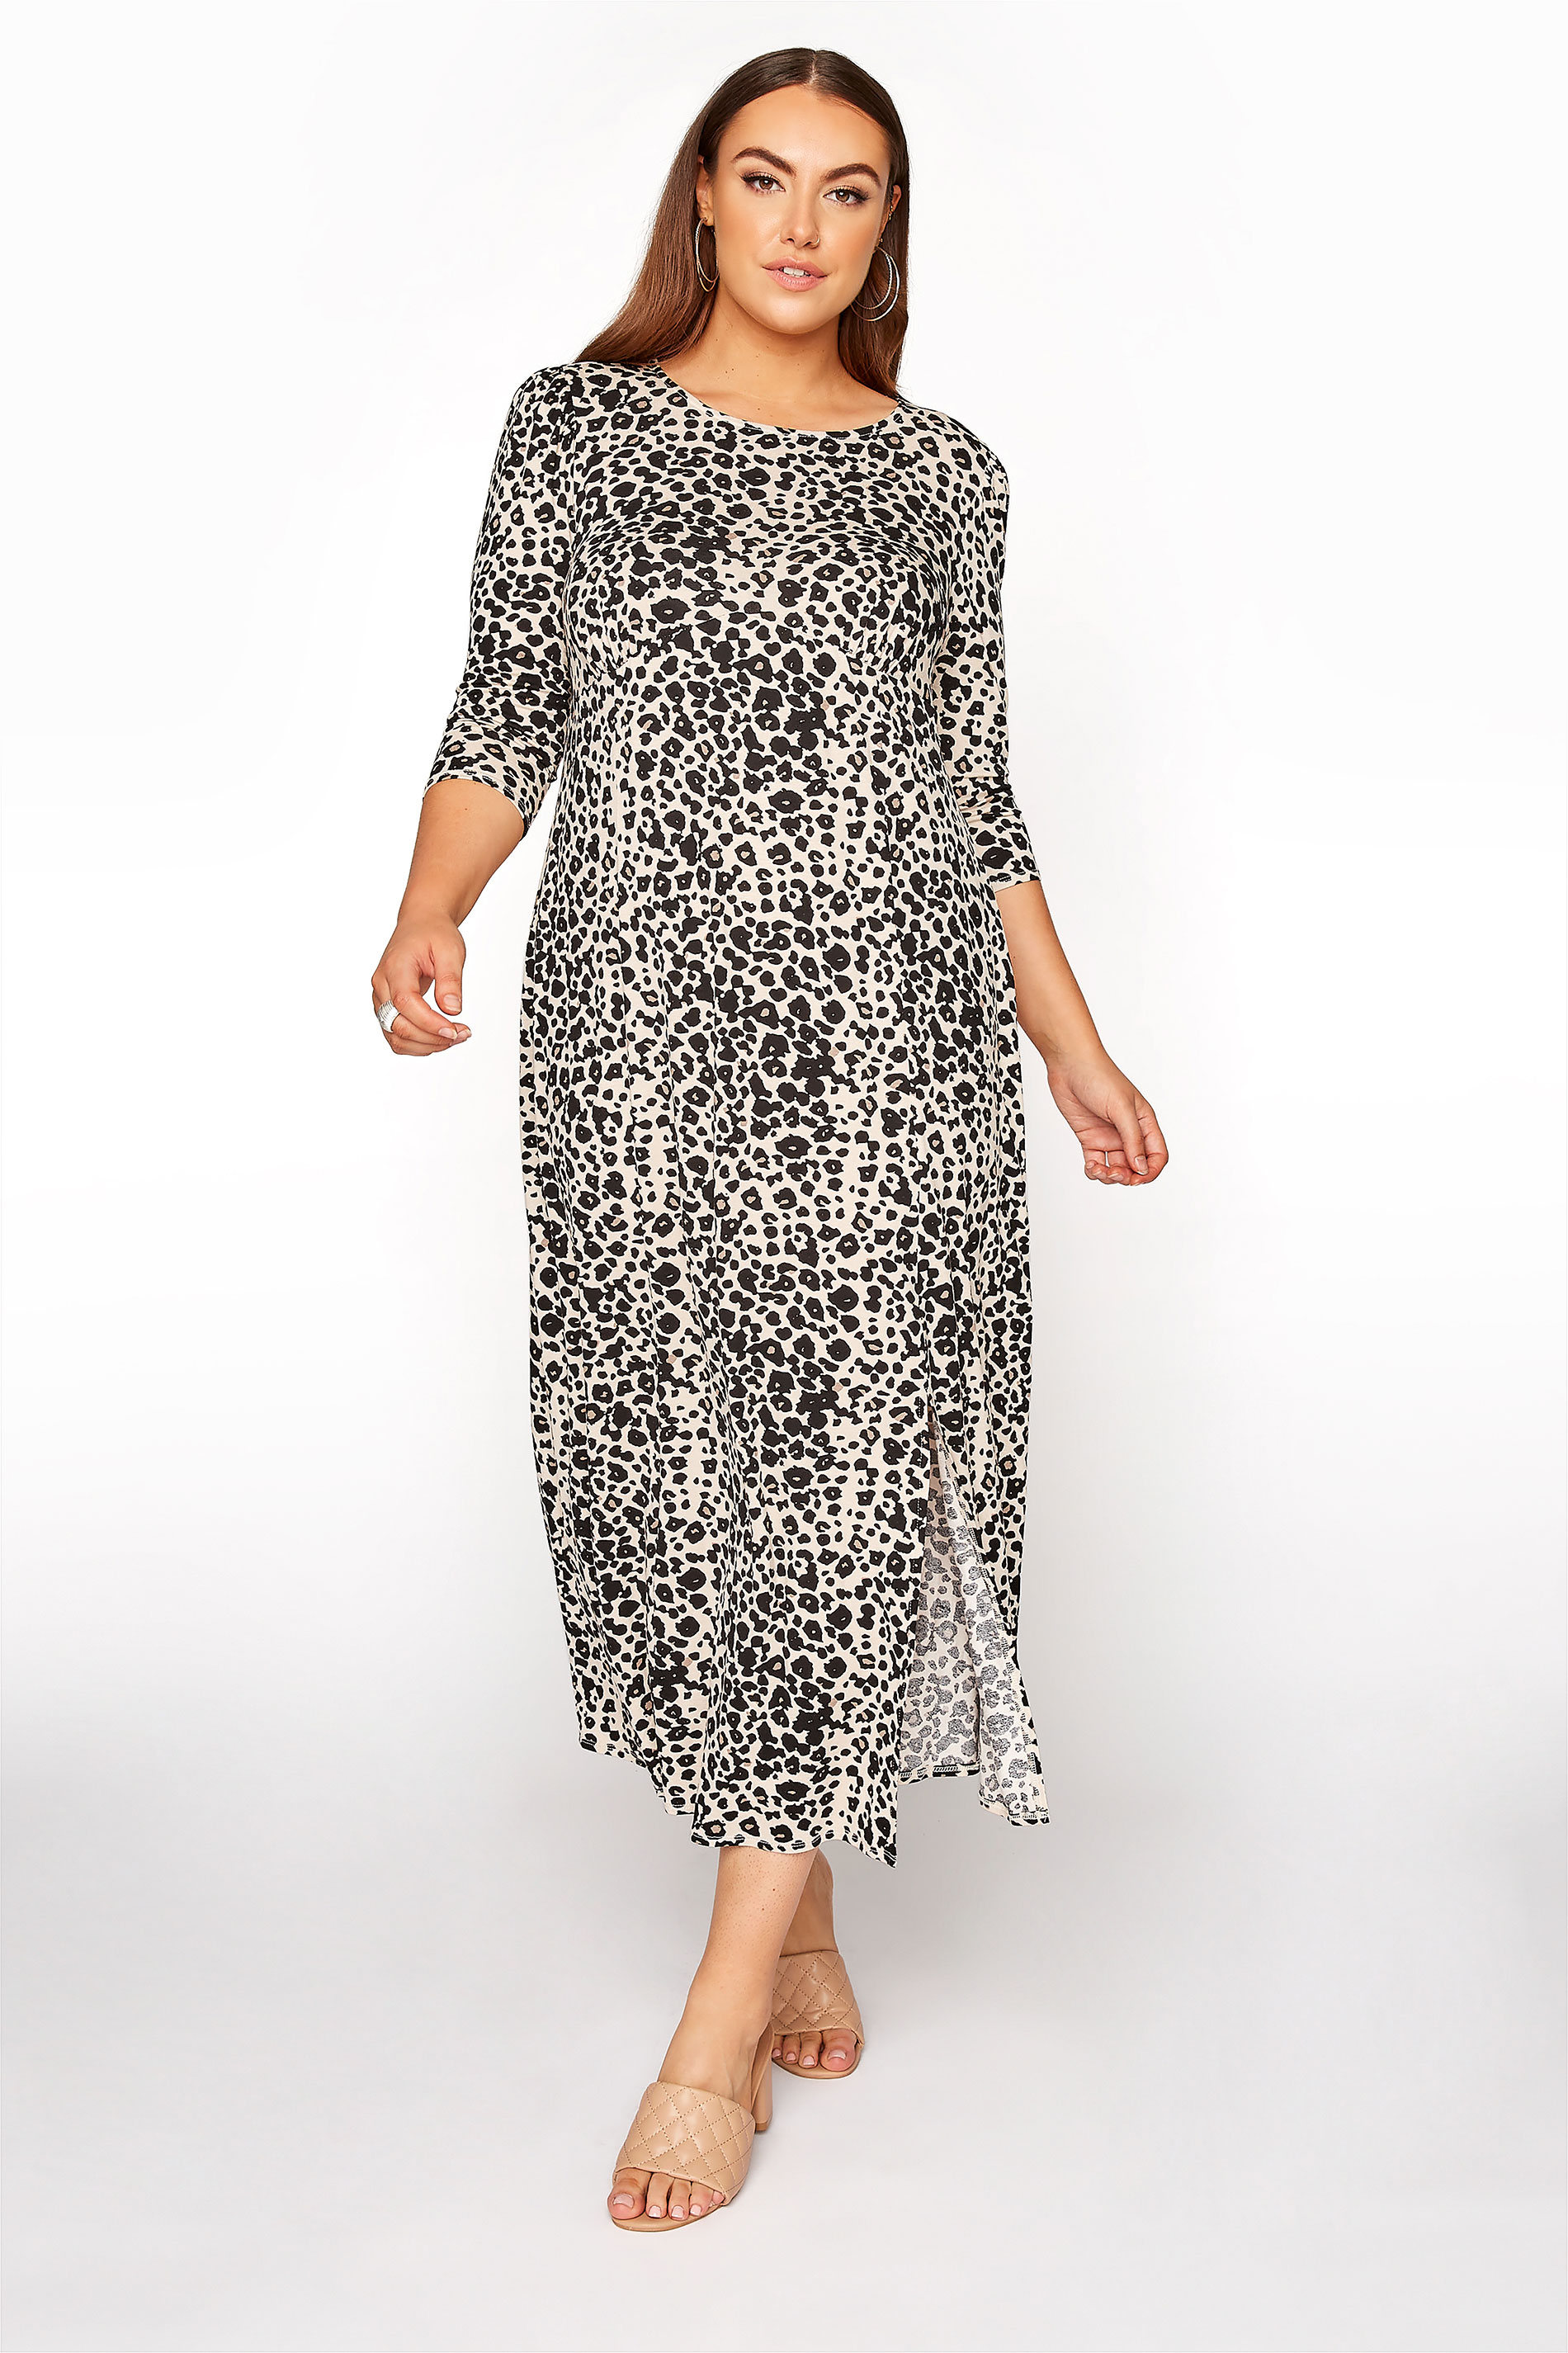 YOURS LONDON Beige Leopard Midaxi Split Dress_B.jpg